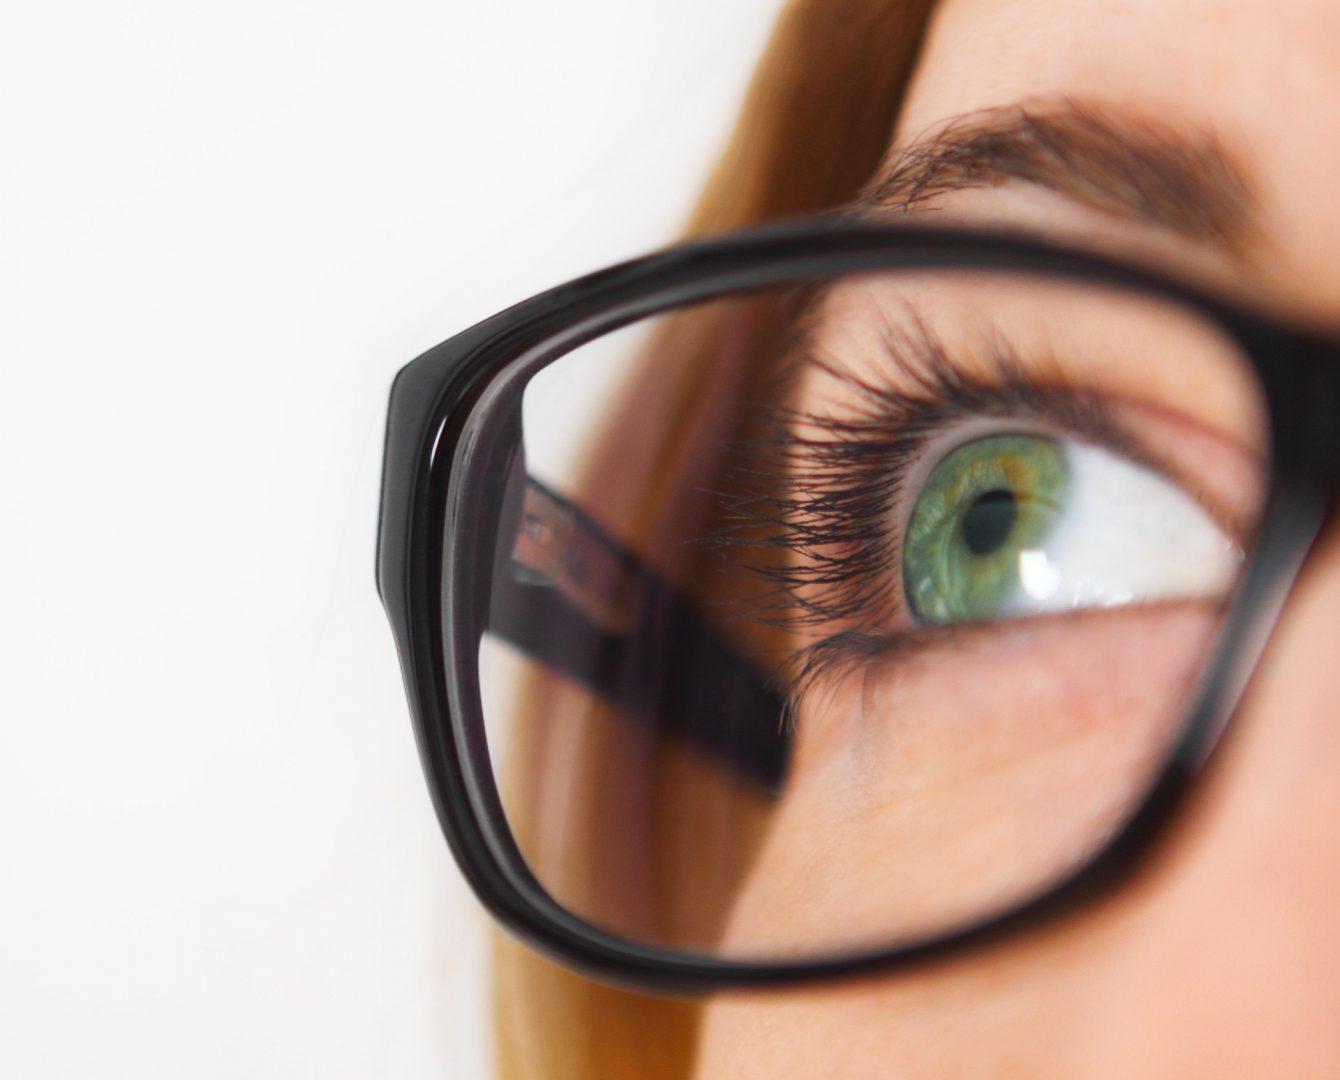 clătiți ochii pentru a îmbunătăți vederea trăsătura viziunii umane